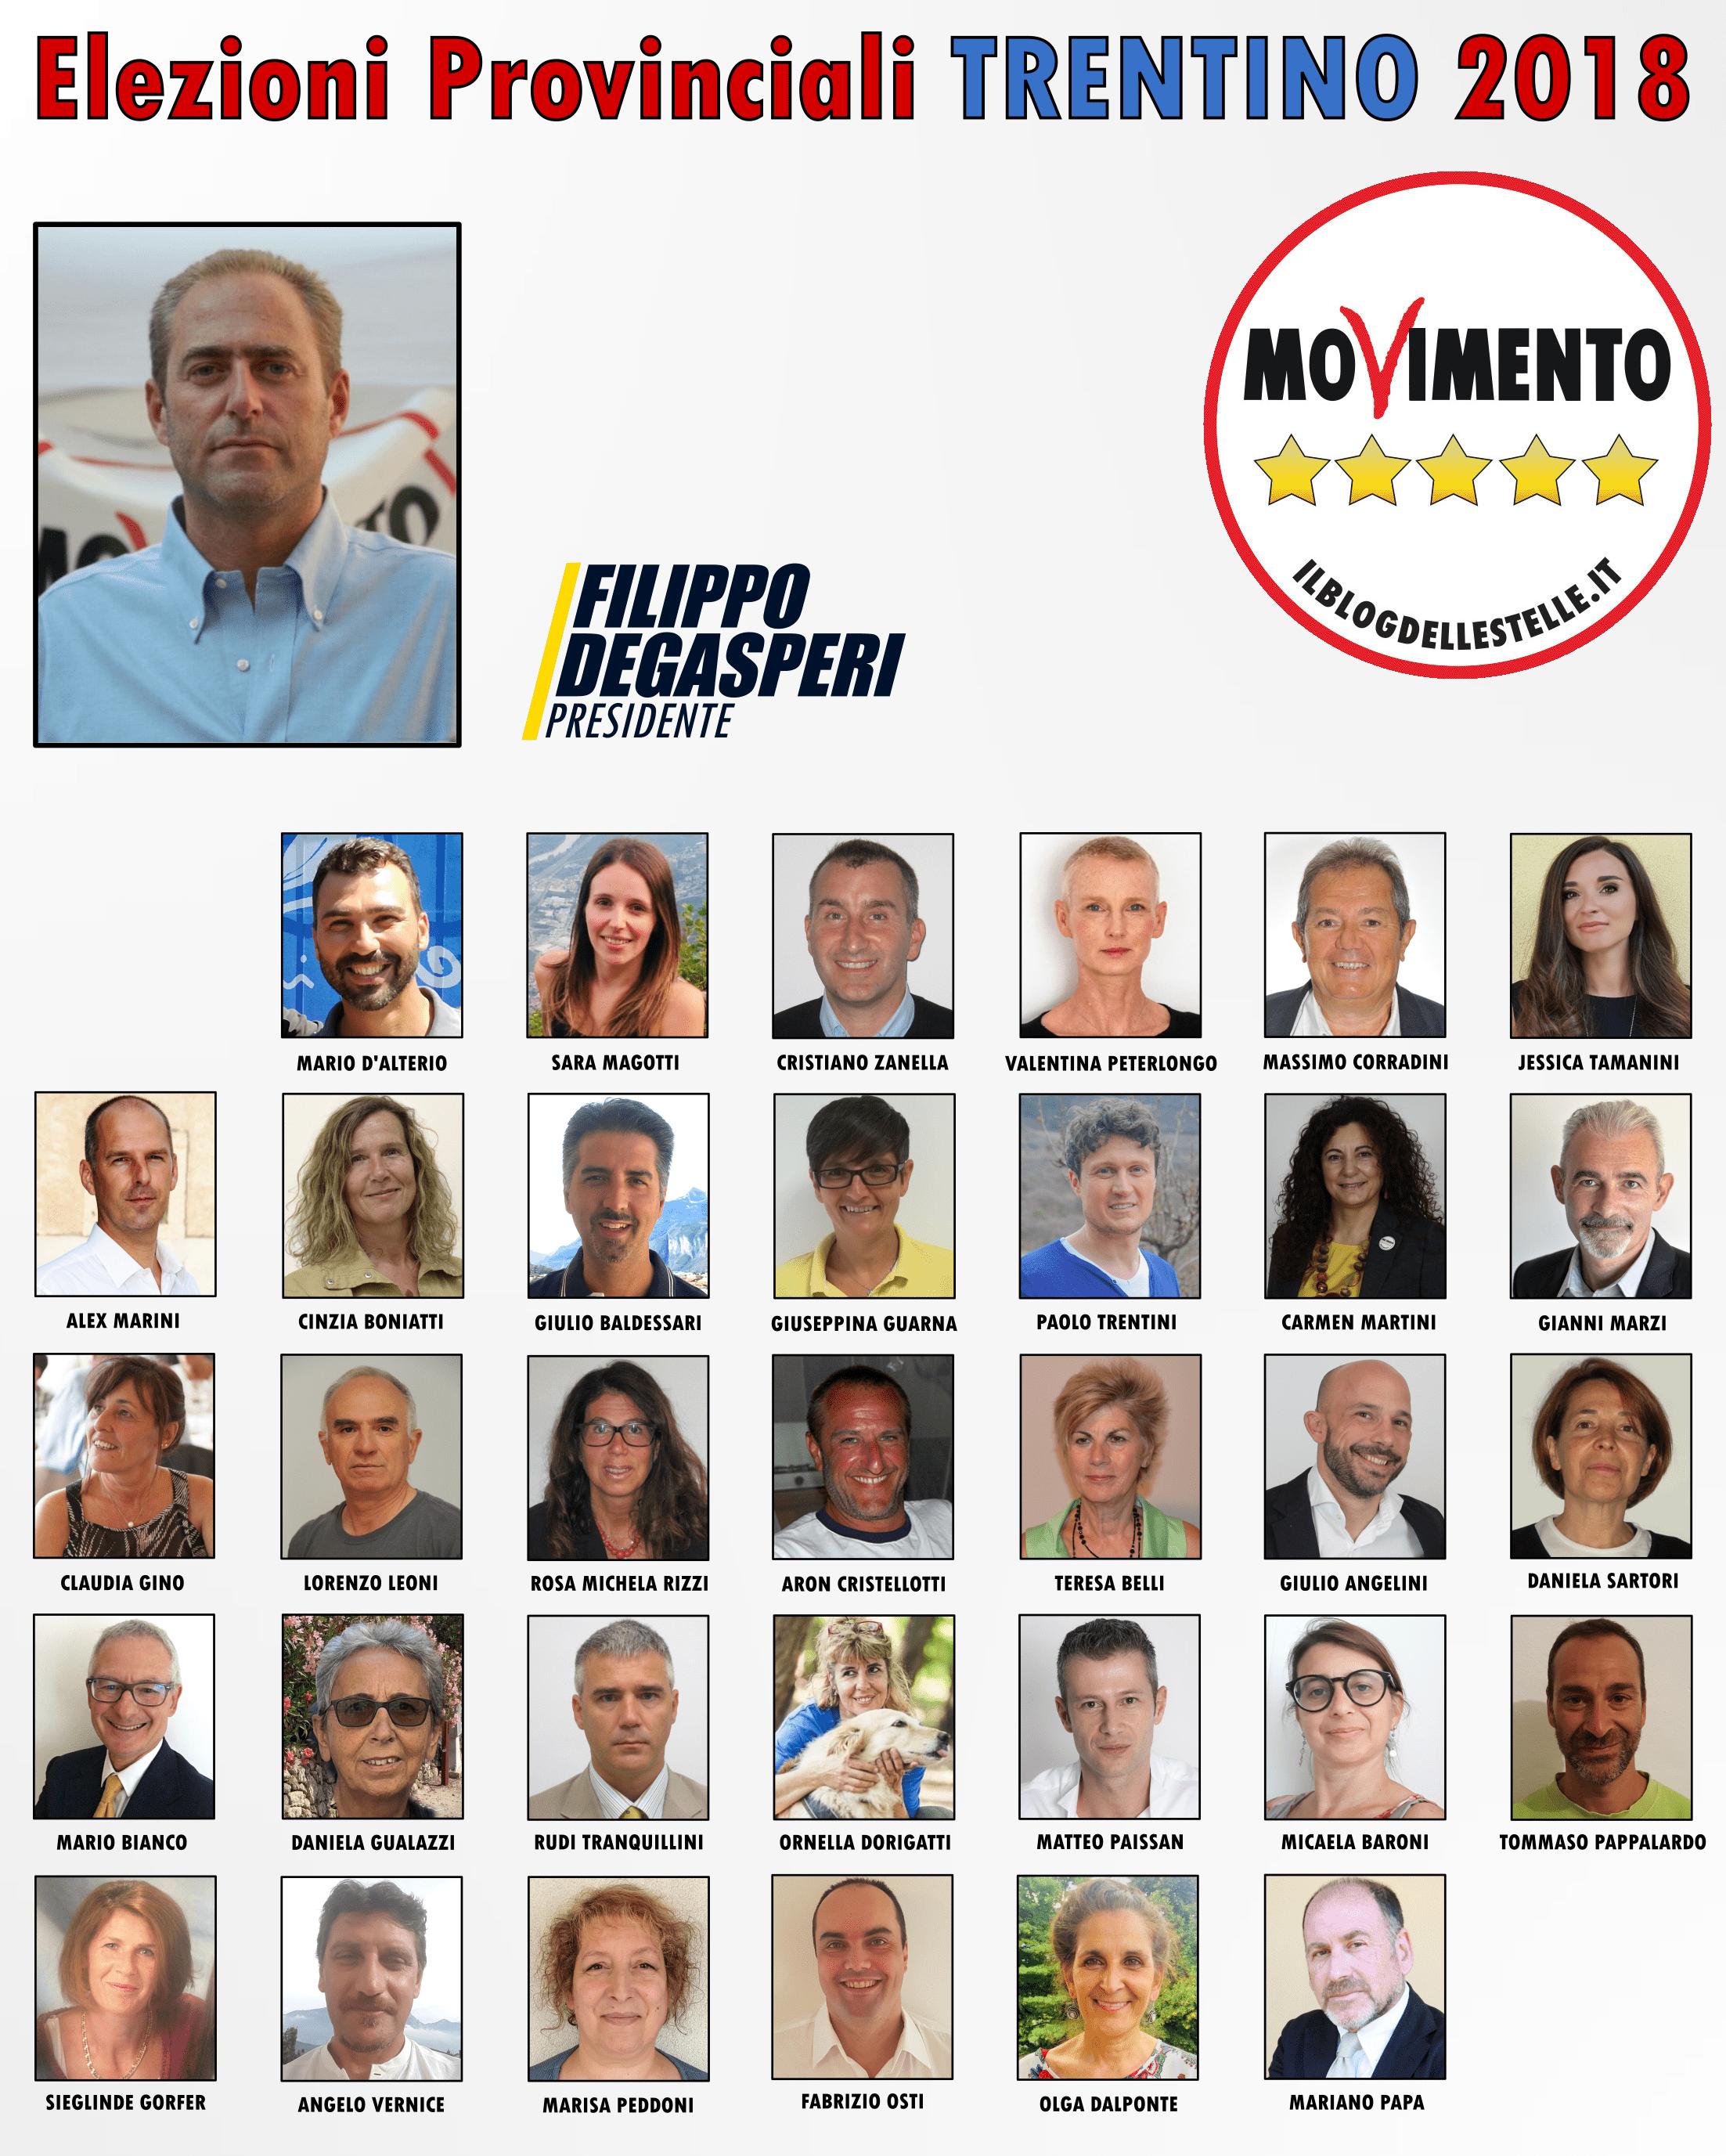 Candidati di lista M5S elezioni provinciali 2018